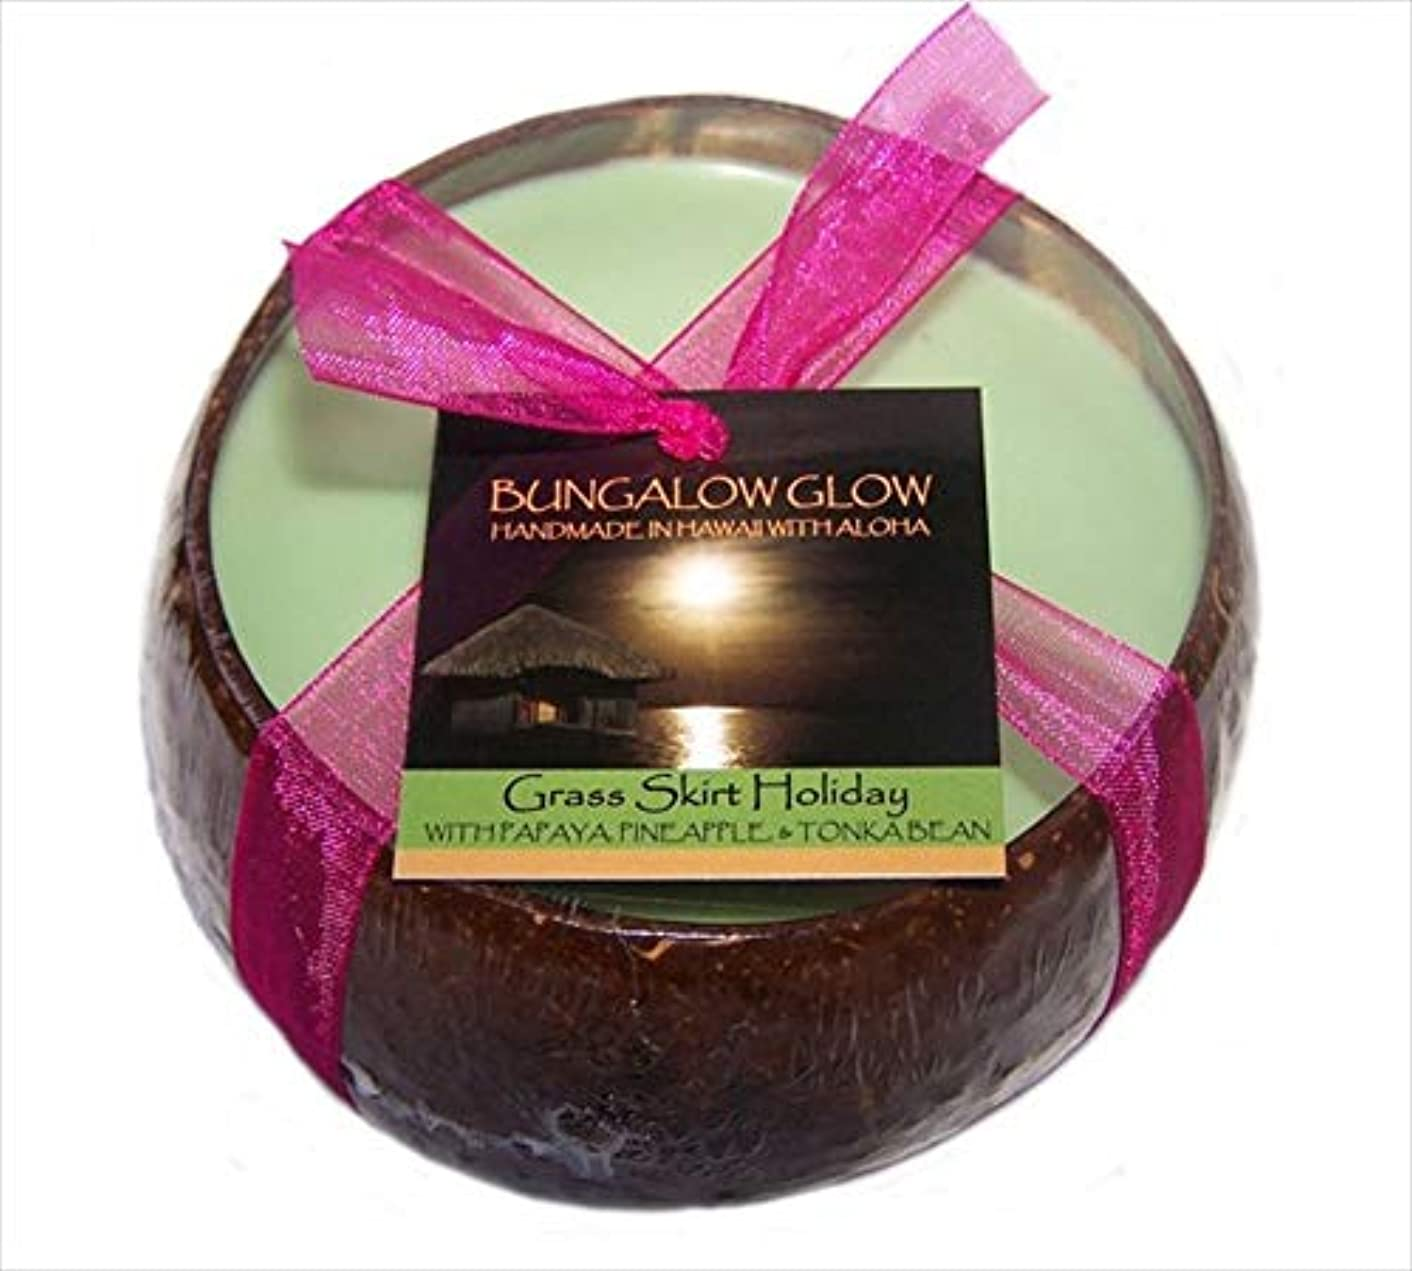 もっとアンプ安価な【正規輸入品】 バブルシャック?ハワイ Bubble shack Coconut Shell candle ココナッツシェルキャンドル grass skirt holiday グラススカートホリデイ 500g